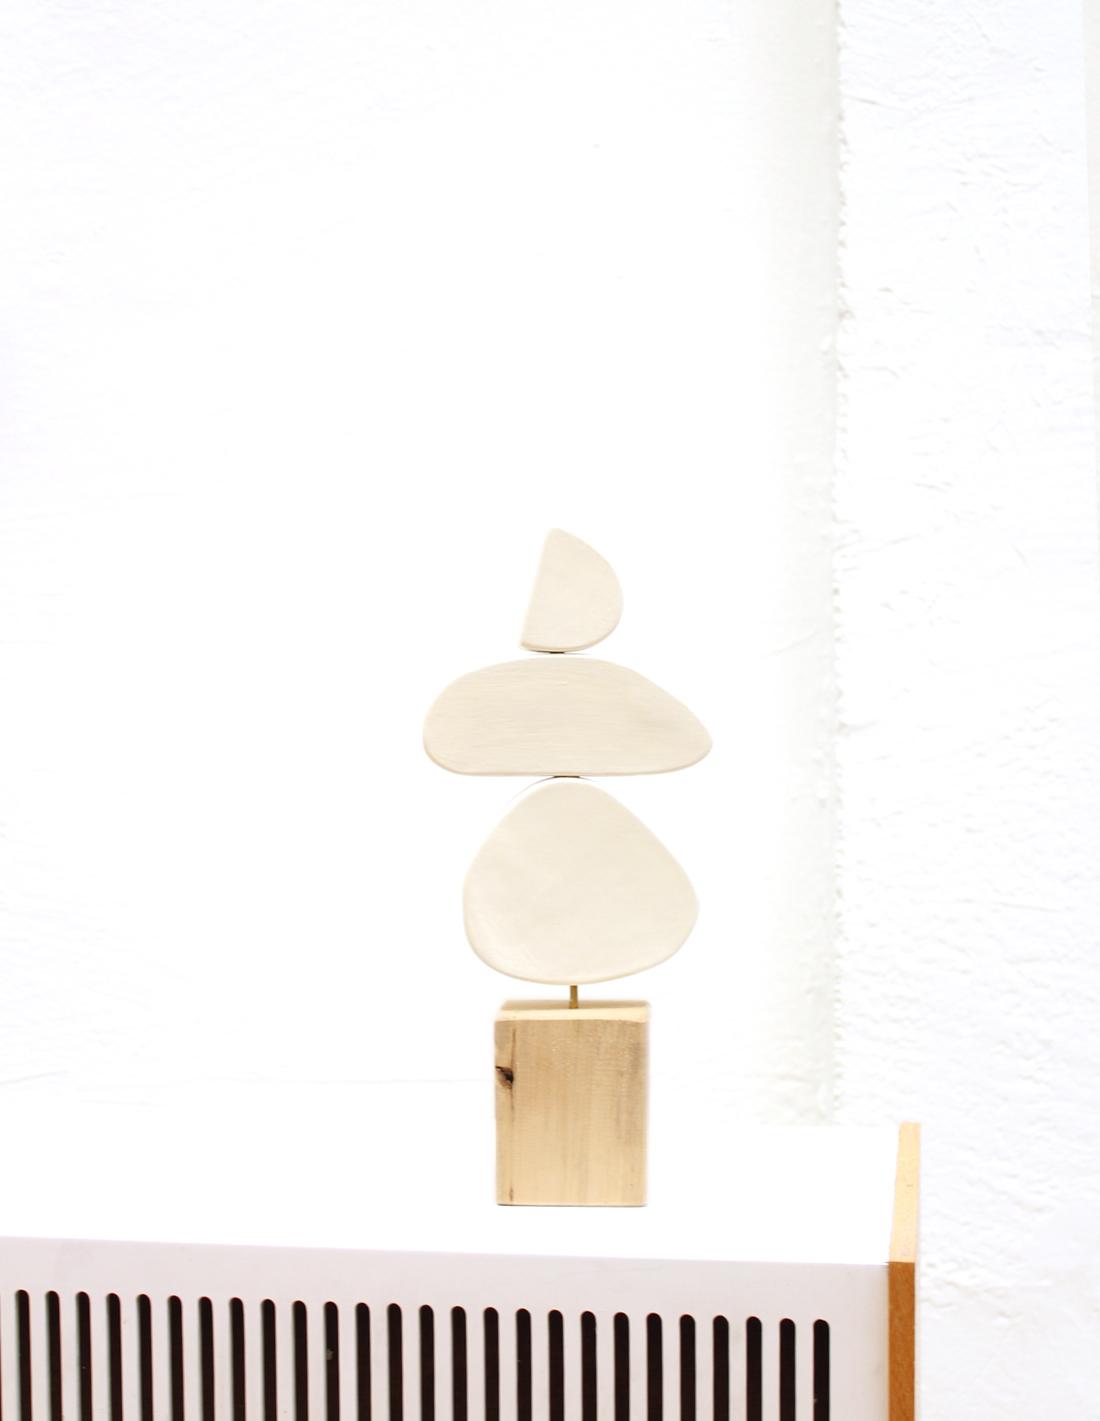 Amélie d'auteur-sculpture